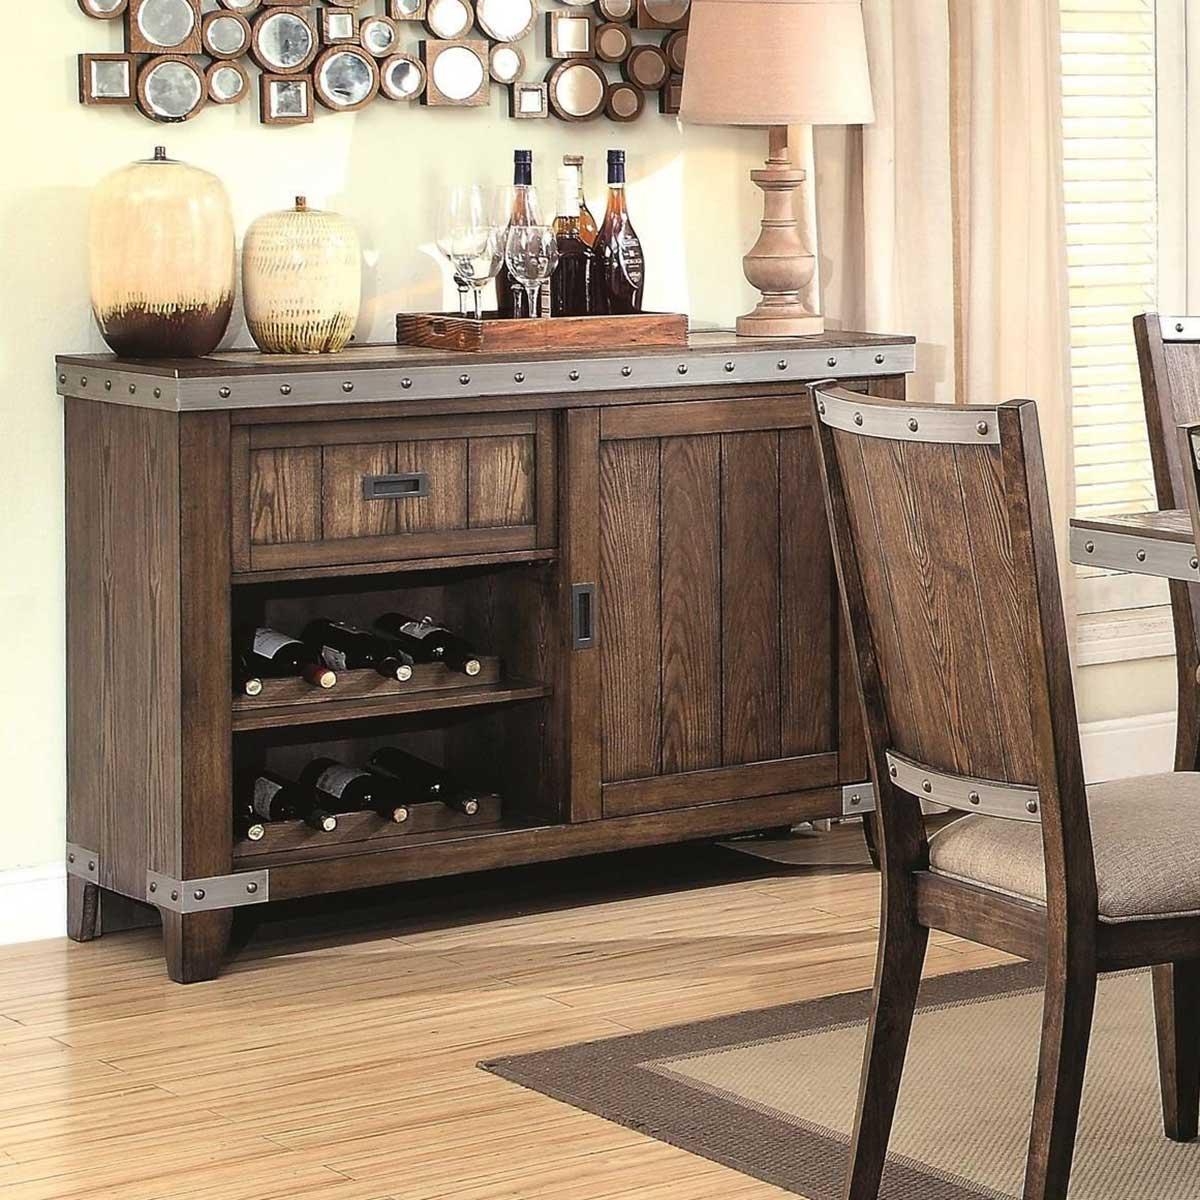 Coaster Beckett Buffet Server - Natural Mango 107015 at Homelement.com